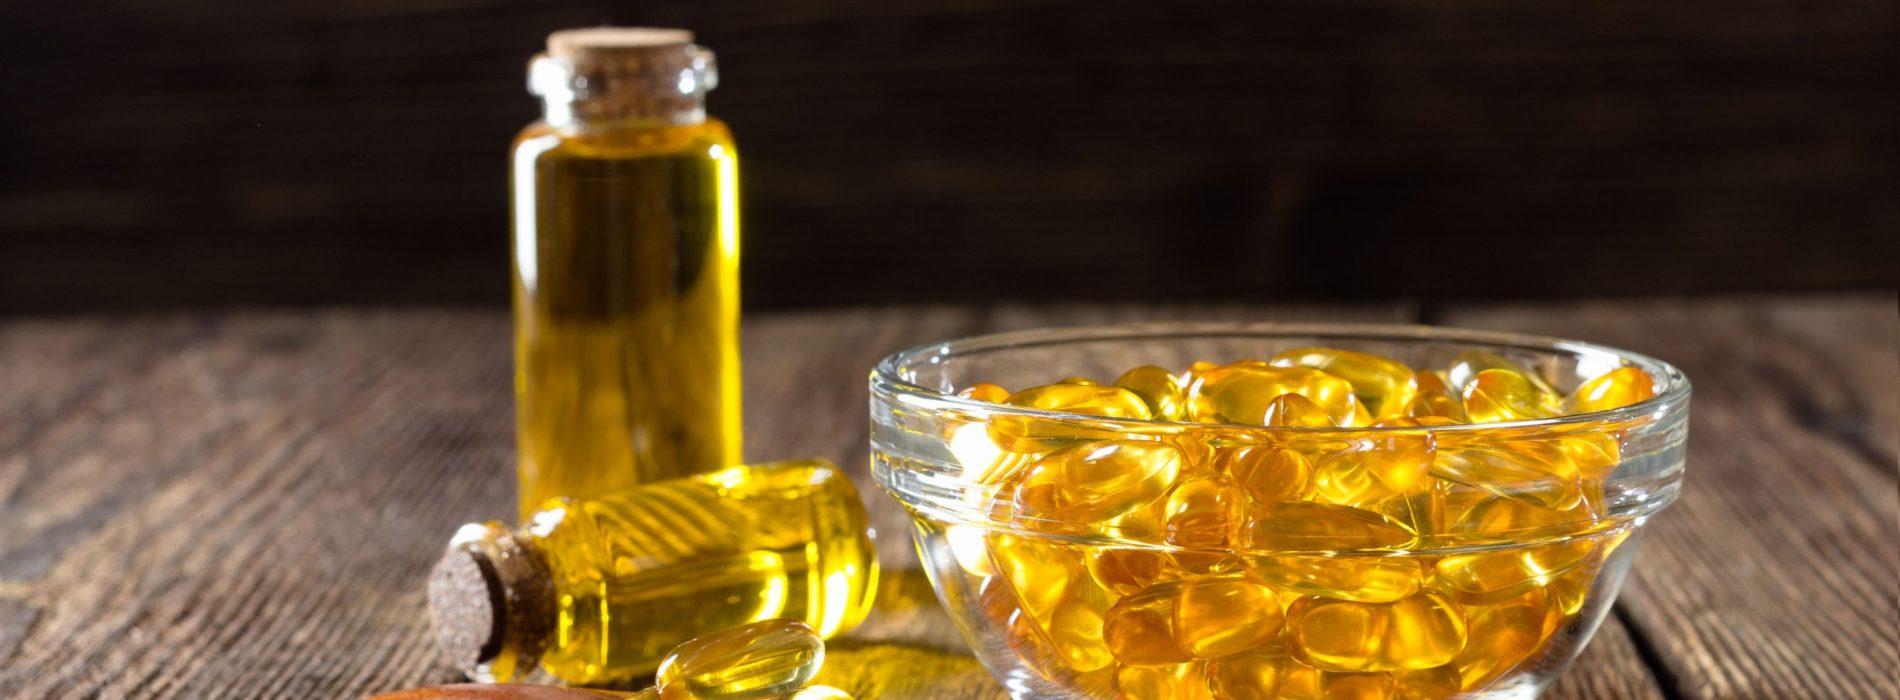 Olej łopianowy – Jakie ma właściwości i zastosowanie?